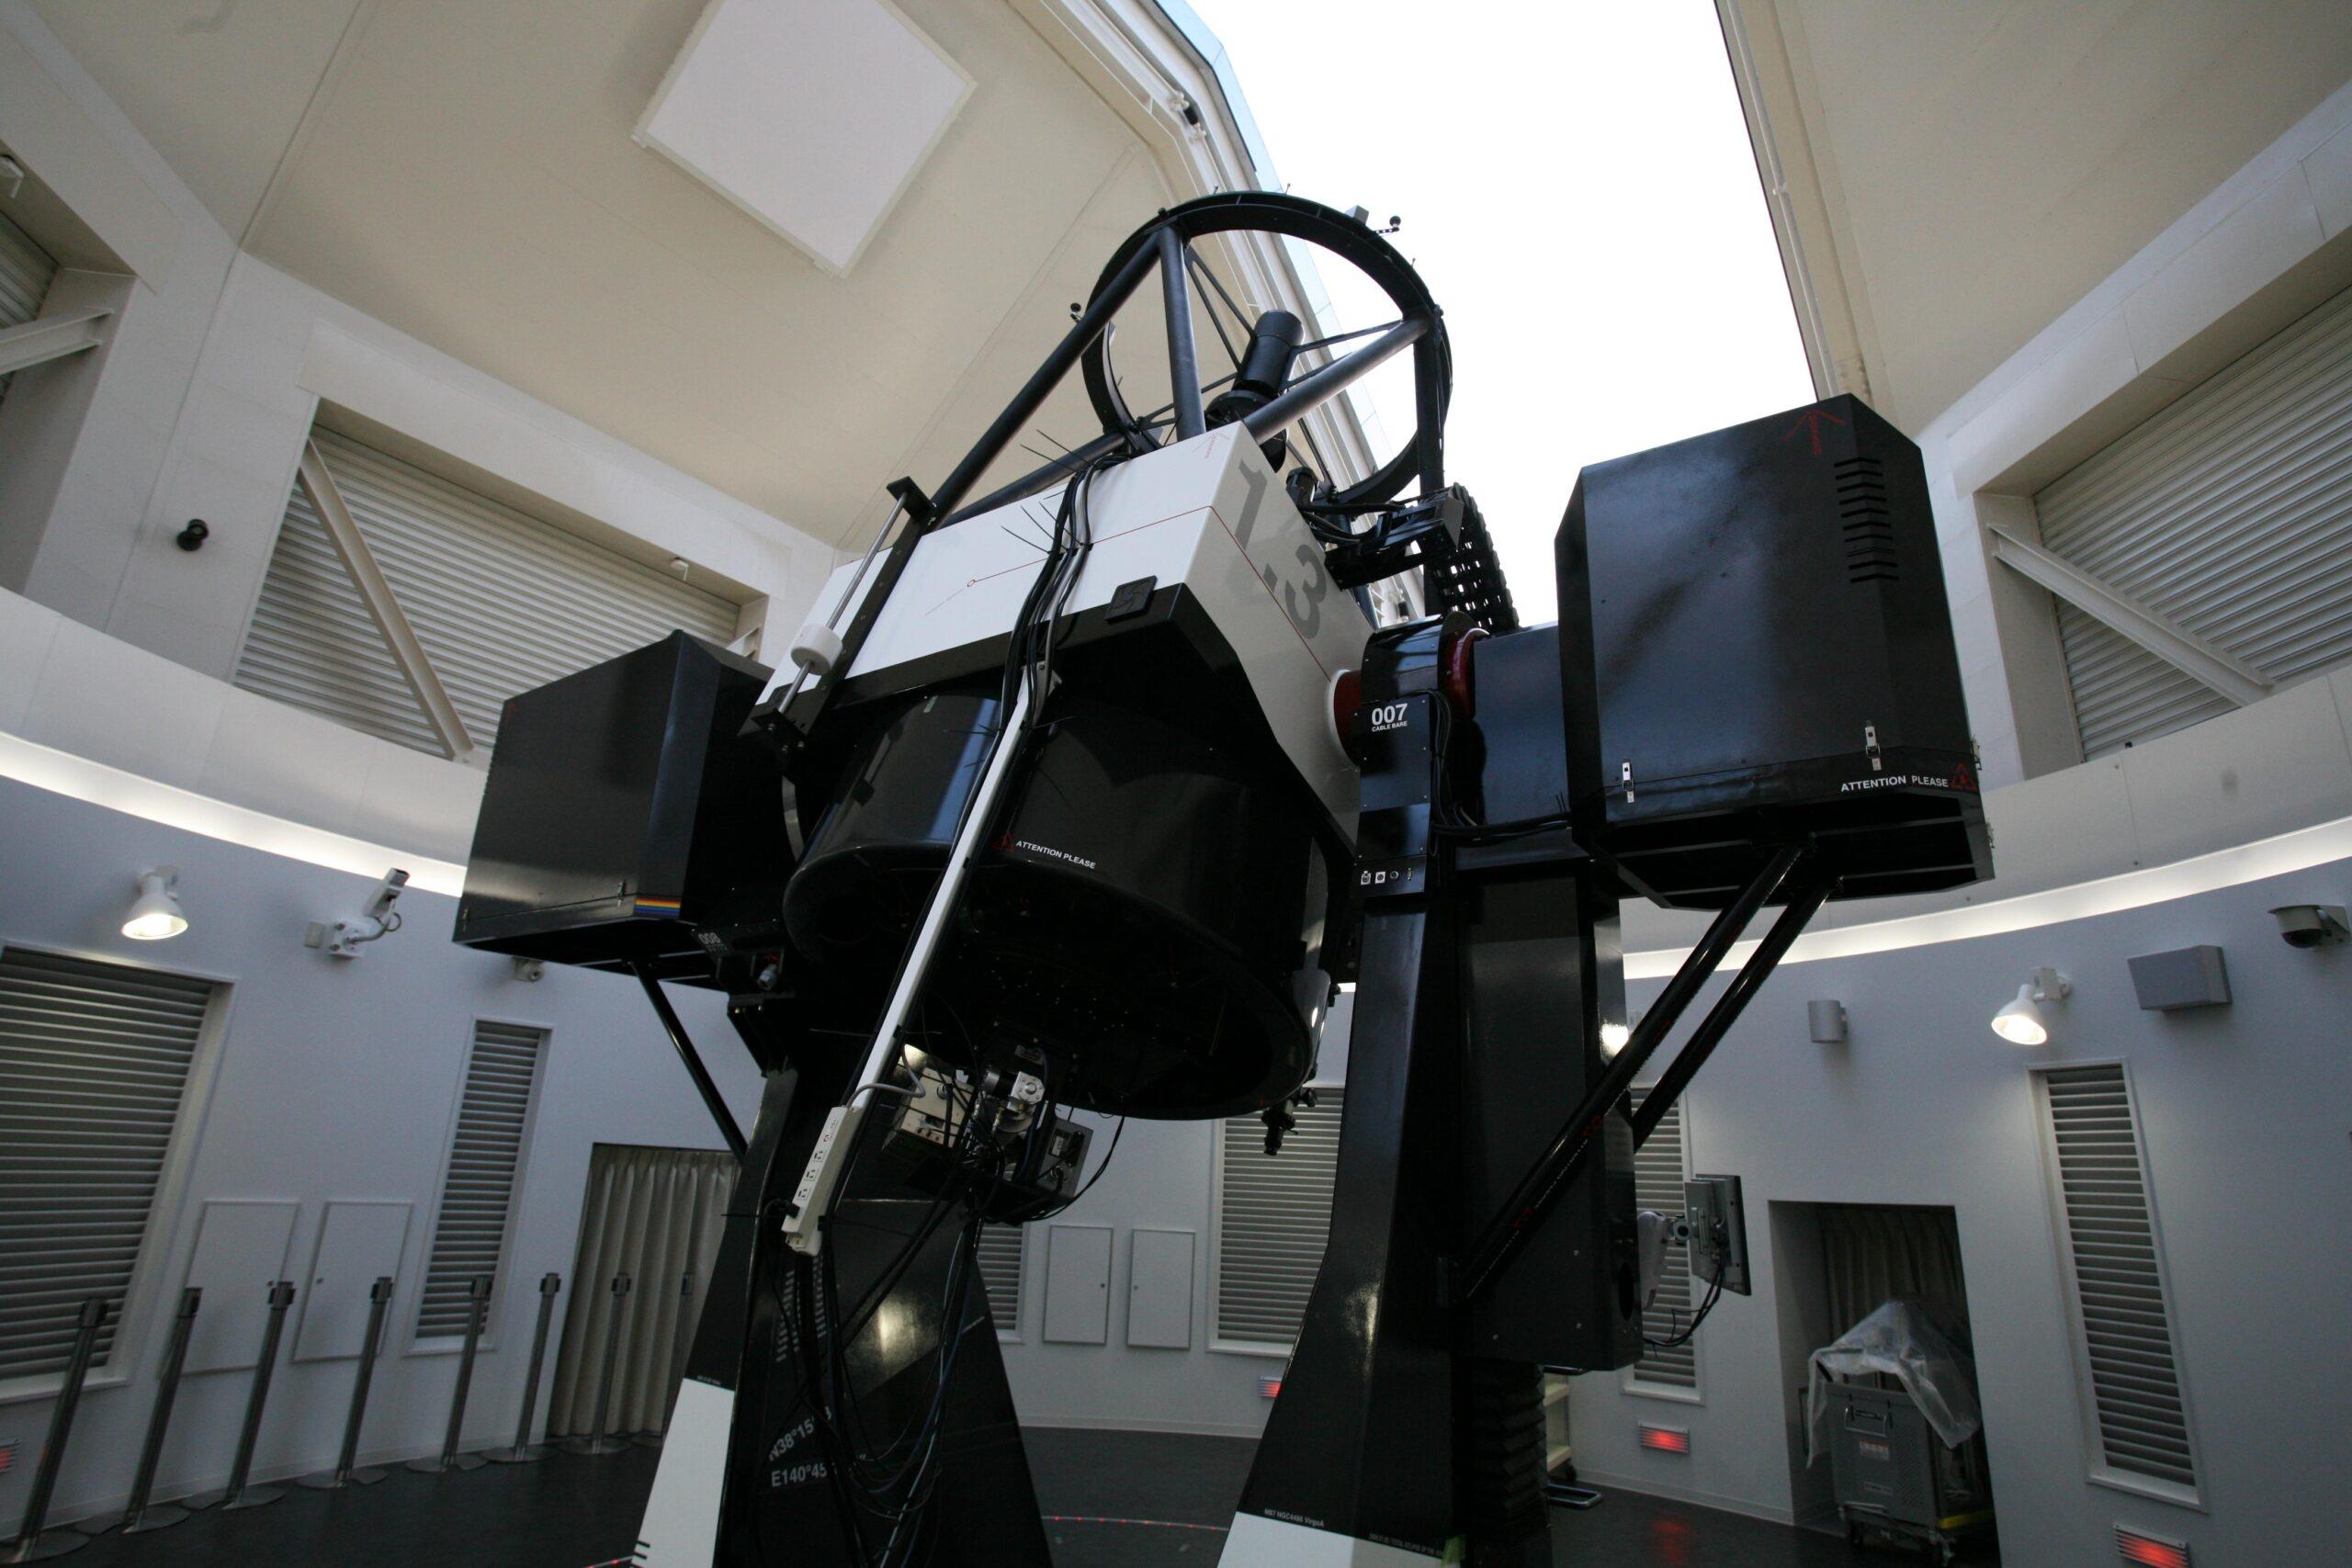 仙台市天文台の天体望遠鏡